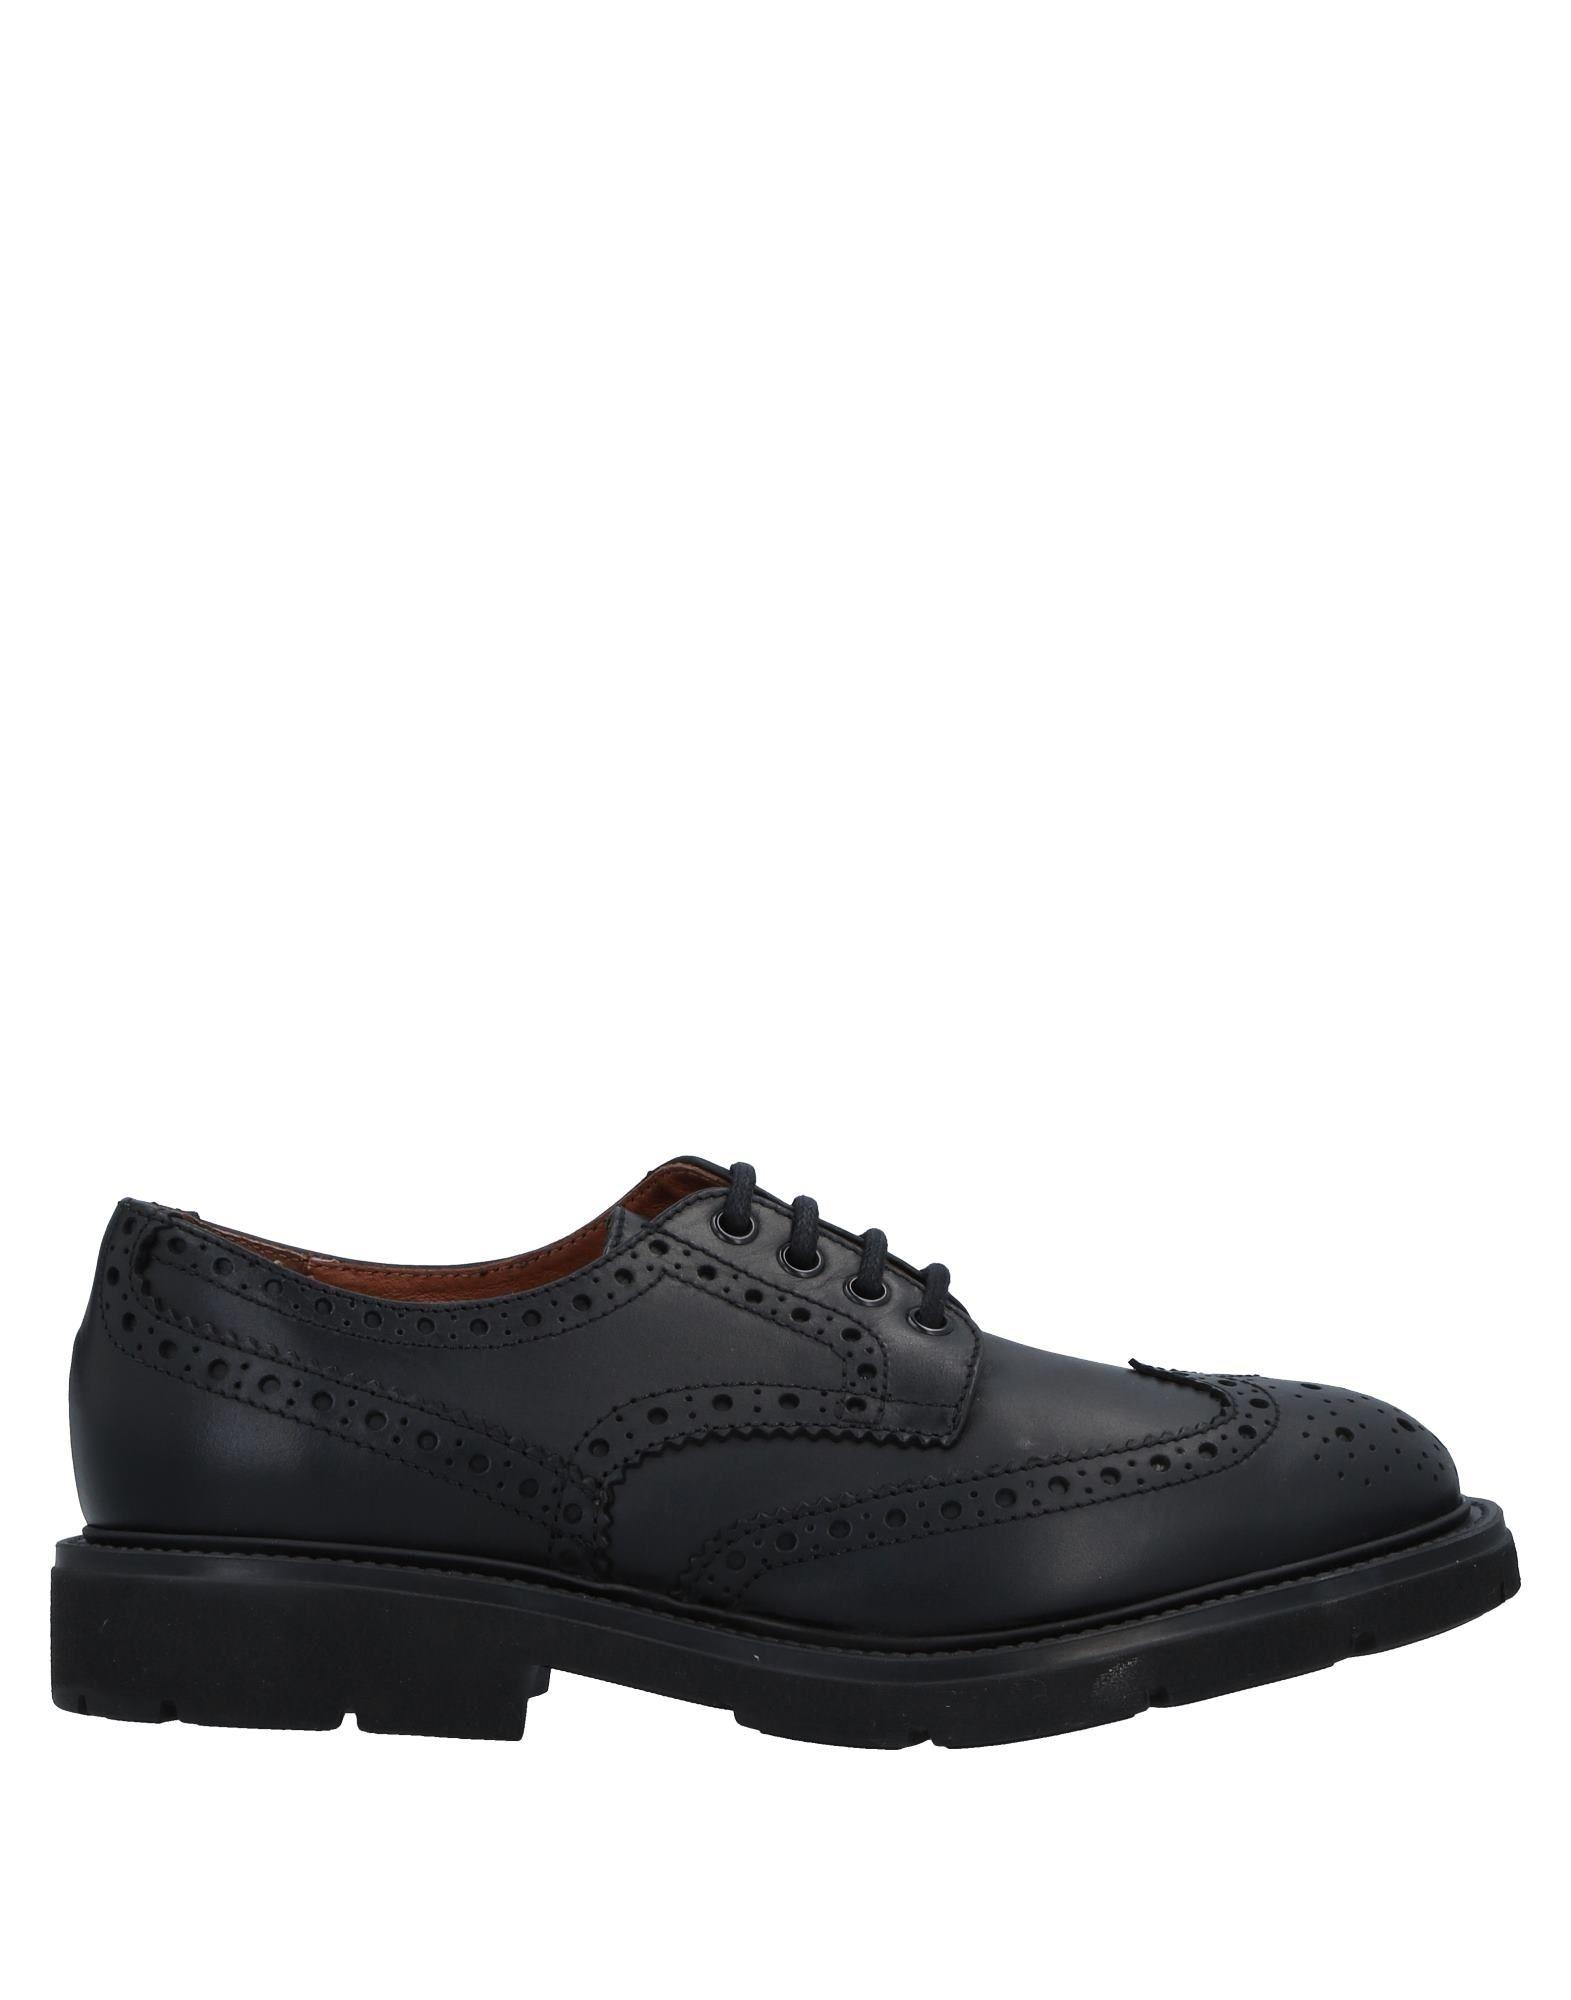 Rabatt echte Schuhe Frau Schnürschuhe Herren  11534044OV